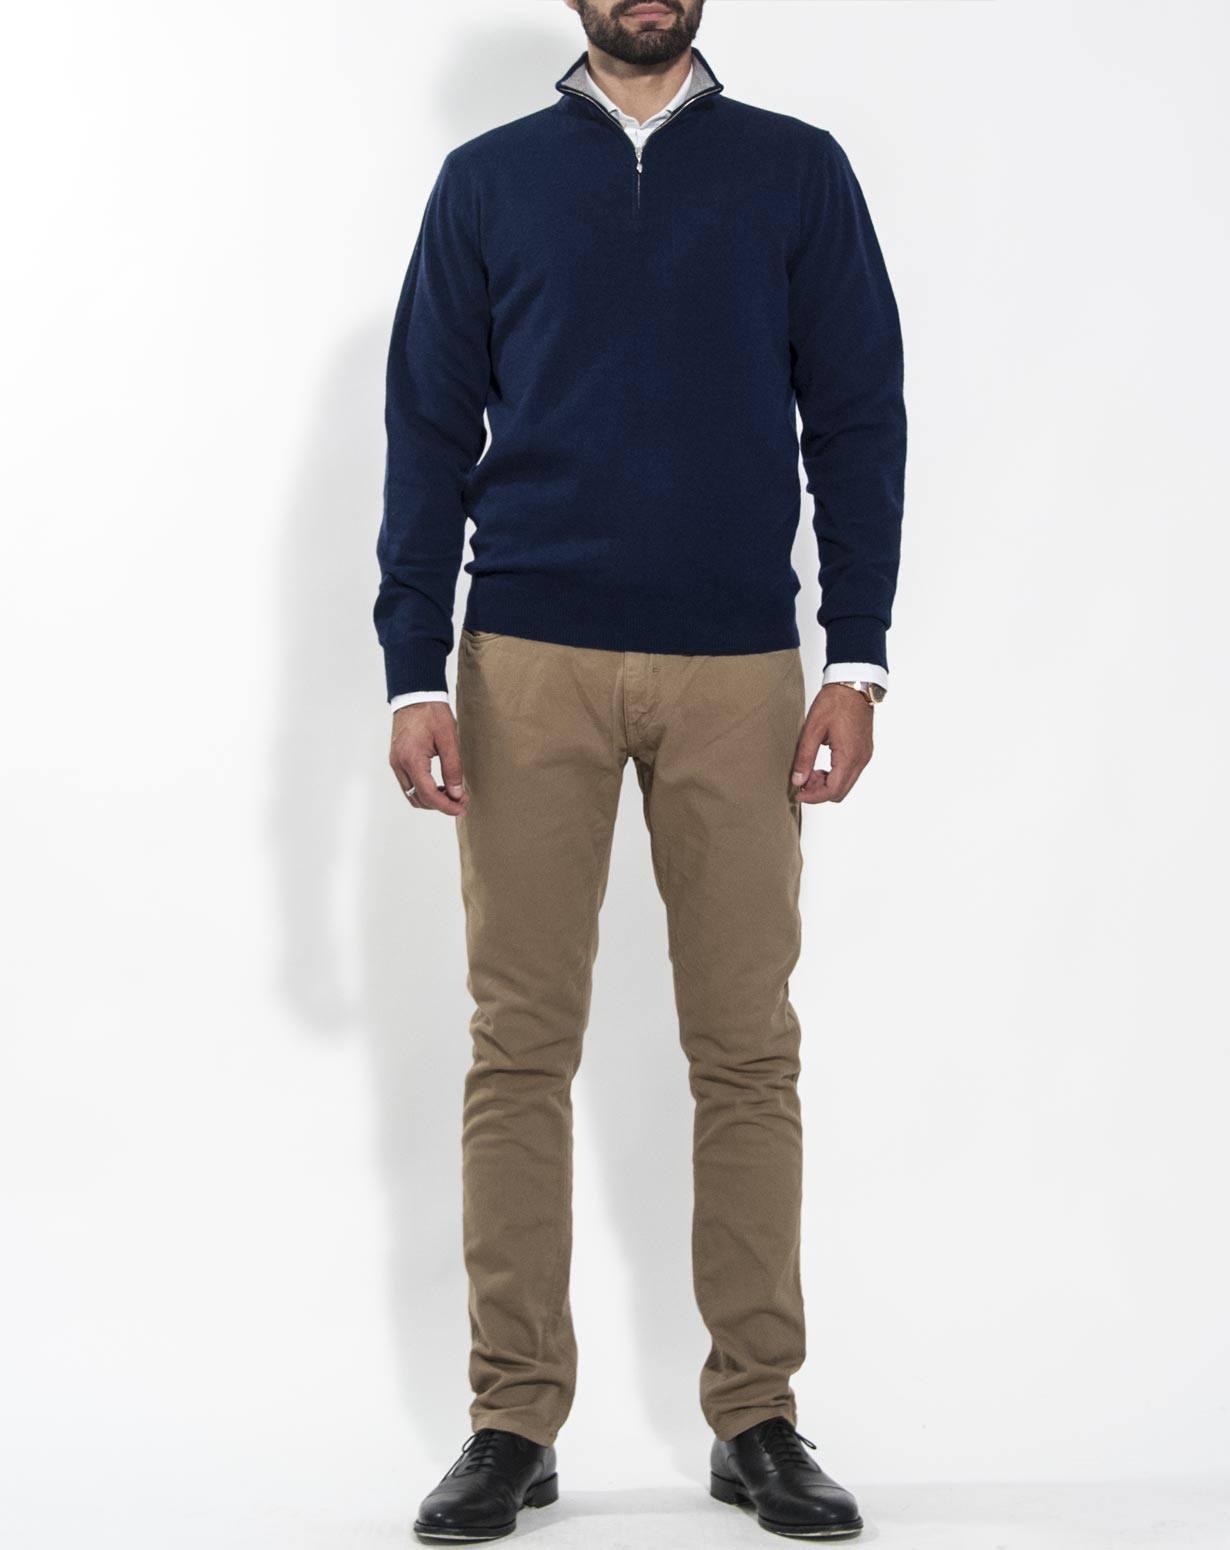 Nike Sb Sweater